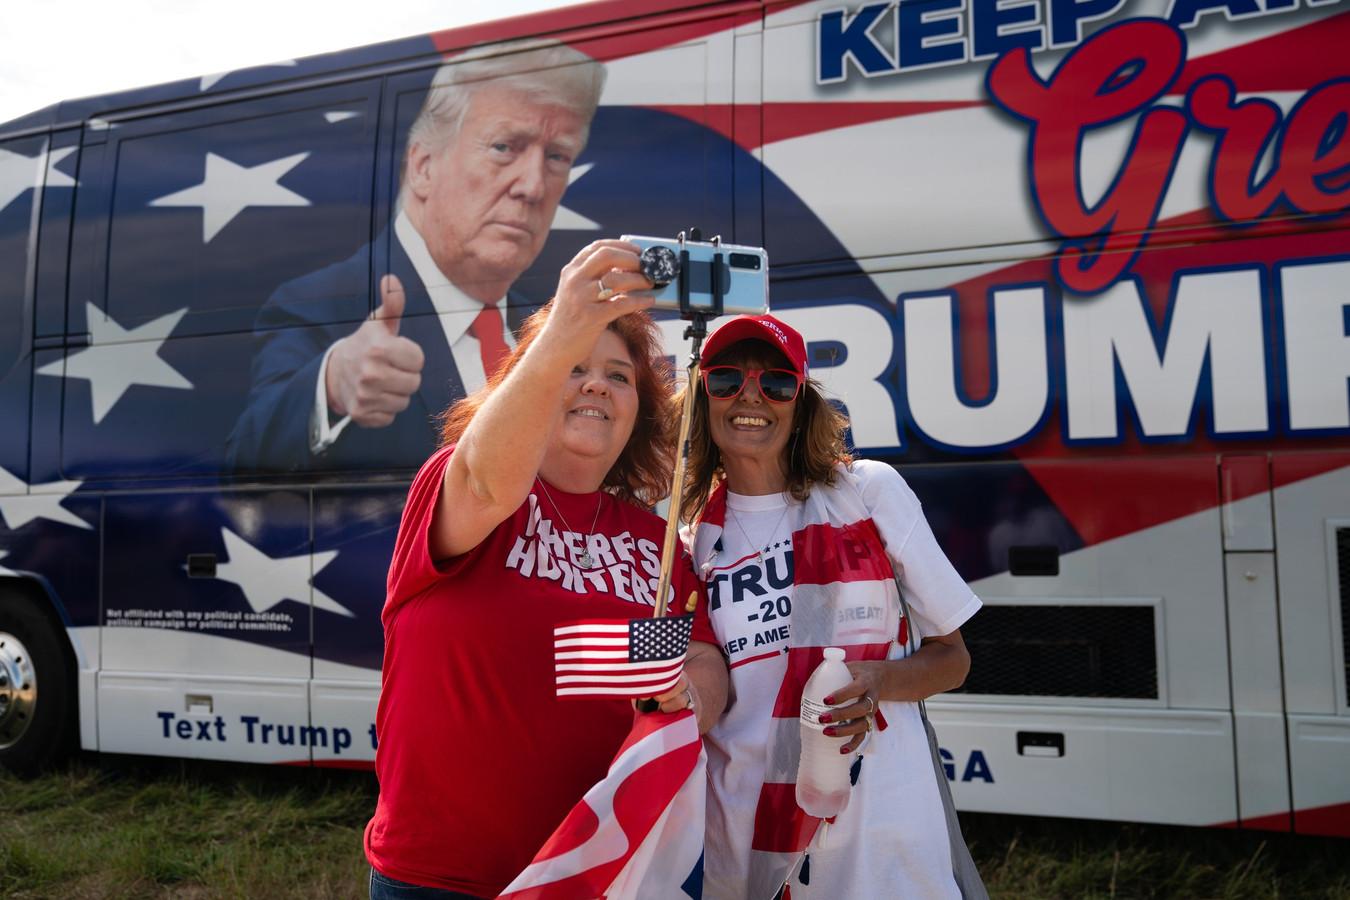 Deux femmes prennent un selfie à côté d'un bus Trump dans le parking d'un rassemblement de campagne pour le Président Donald Trump le 16 octobre 2020 à Macon, Géorgie.